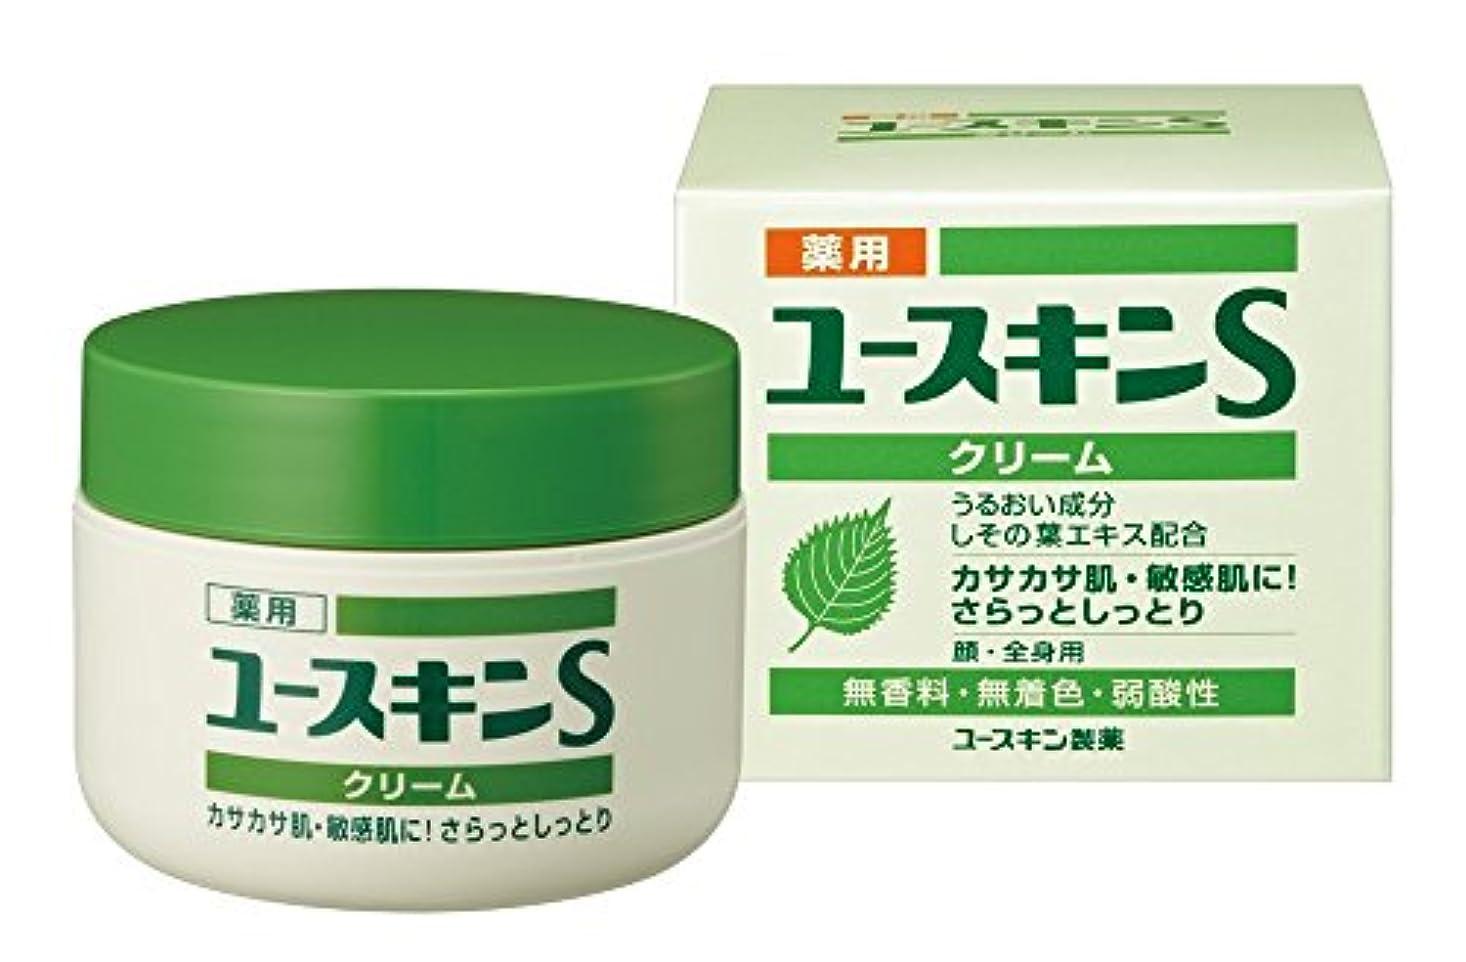 直径むしゃむしゃ段階ユースキン製薬 薬用ユースキンSクリーム 70g(医薬部外品)